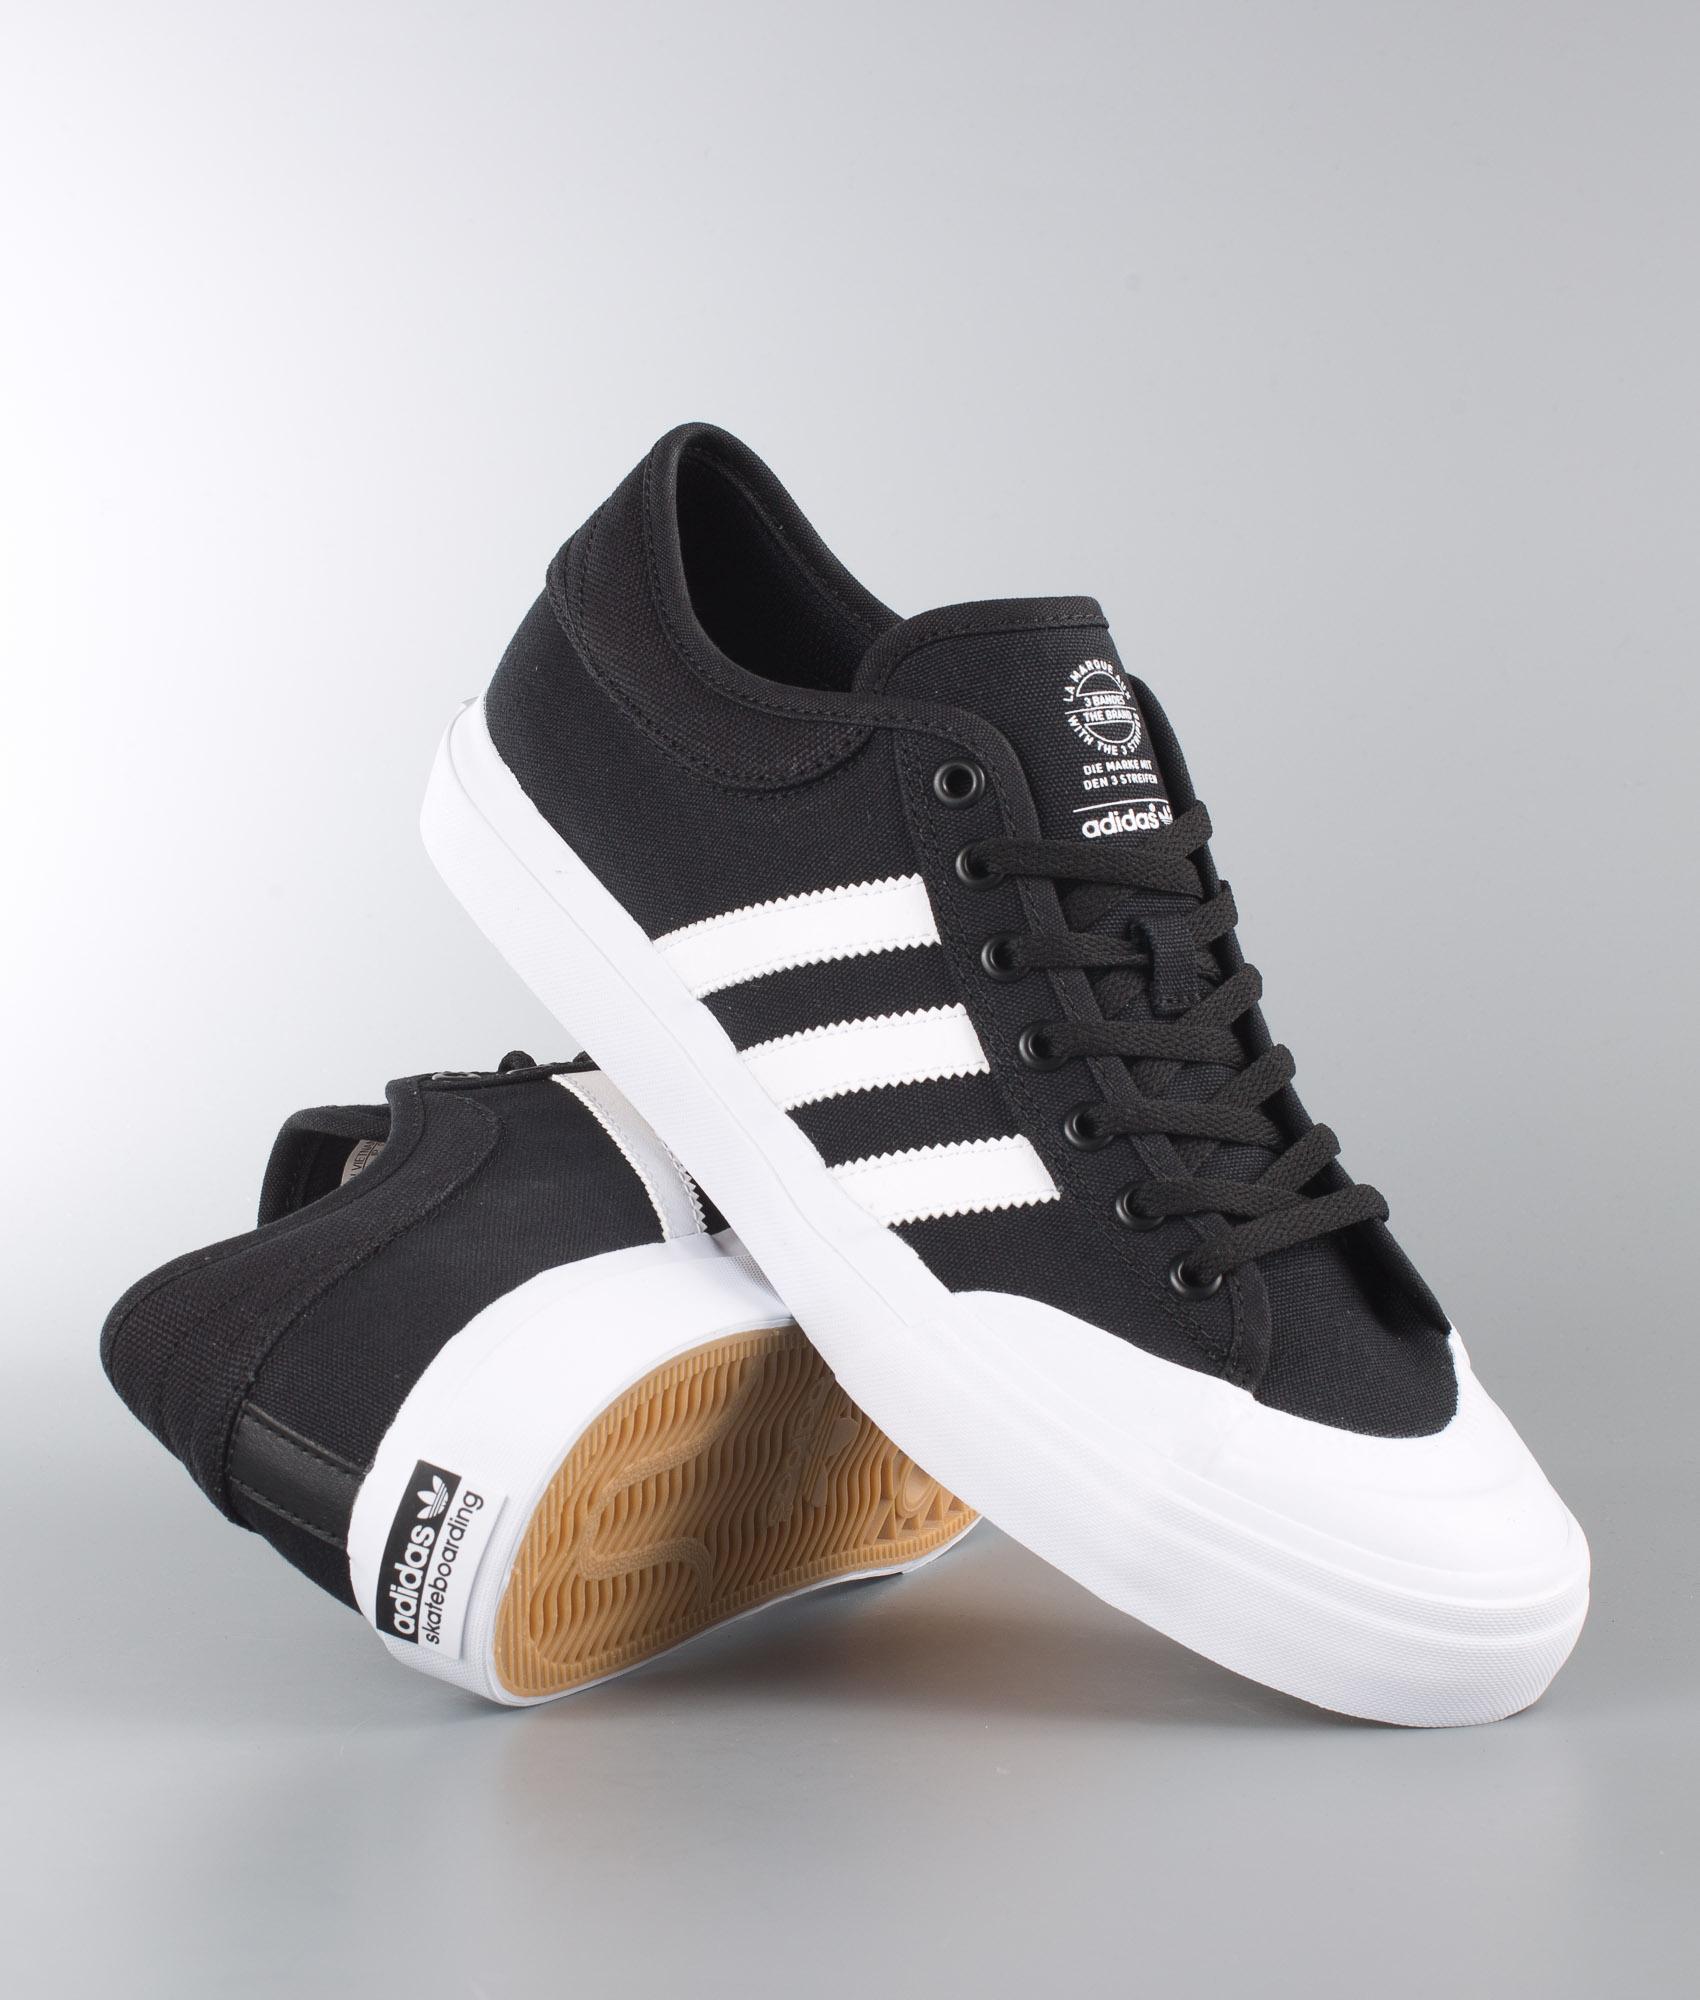 Core Chaussures De Originals Adidas Blackfootwear Chez Matchcourt nSvqaq6